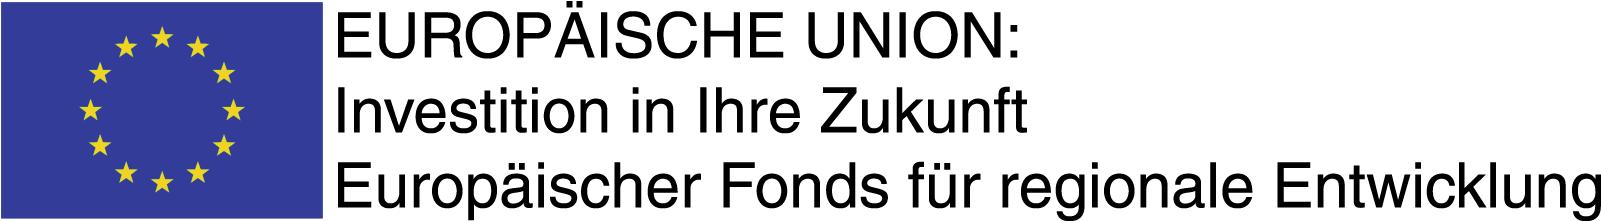 leu-efre-logo-4c-schrift_seitlich-inpfade_300_hohe_aufloesung.png